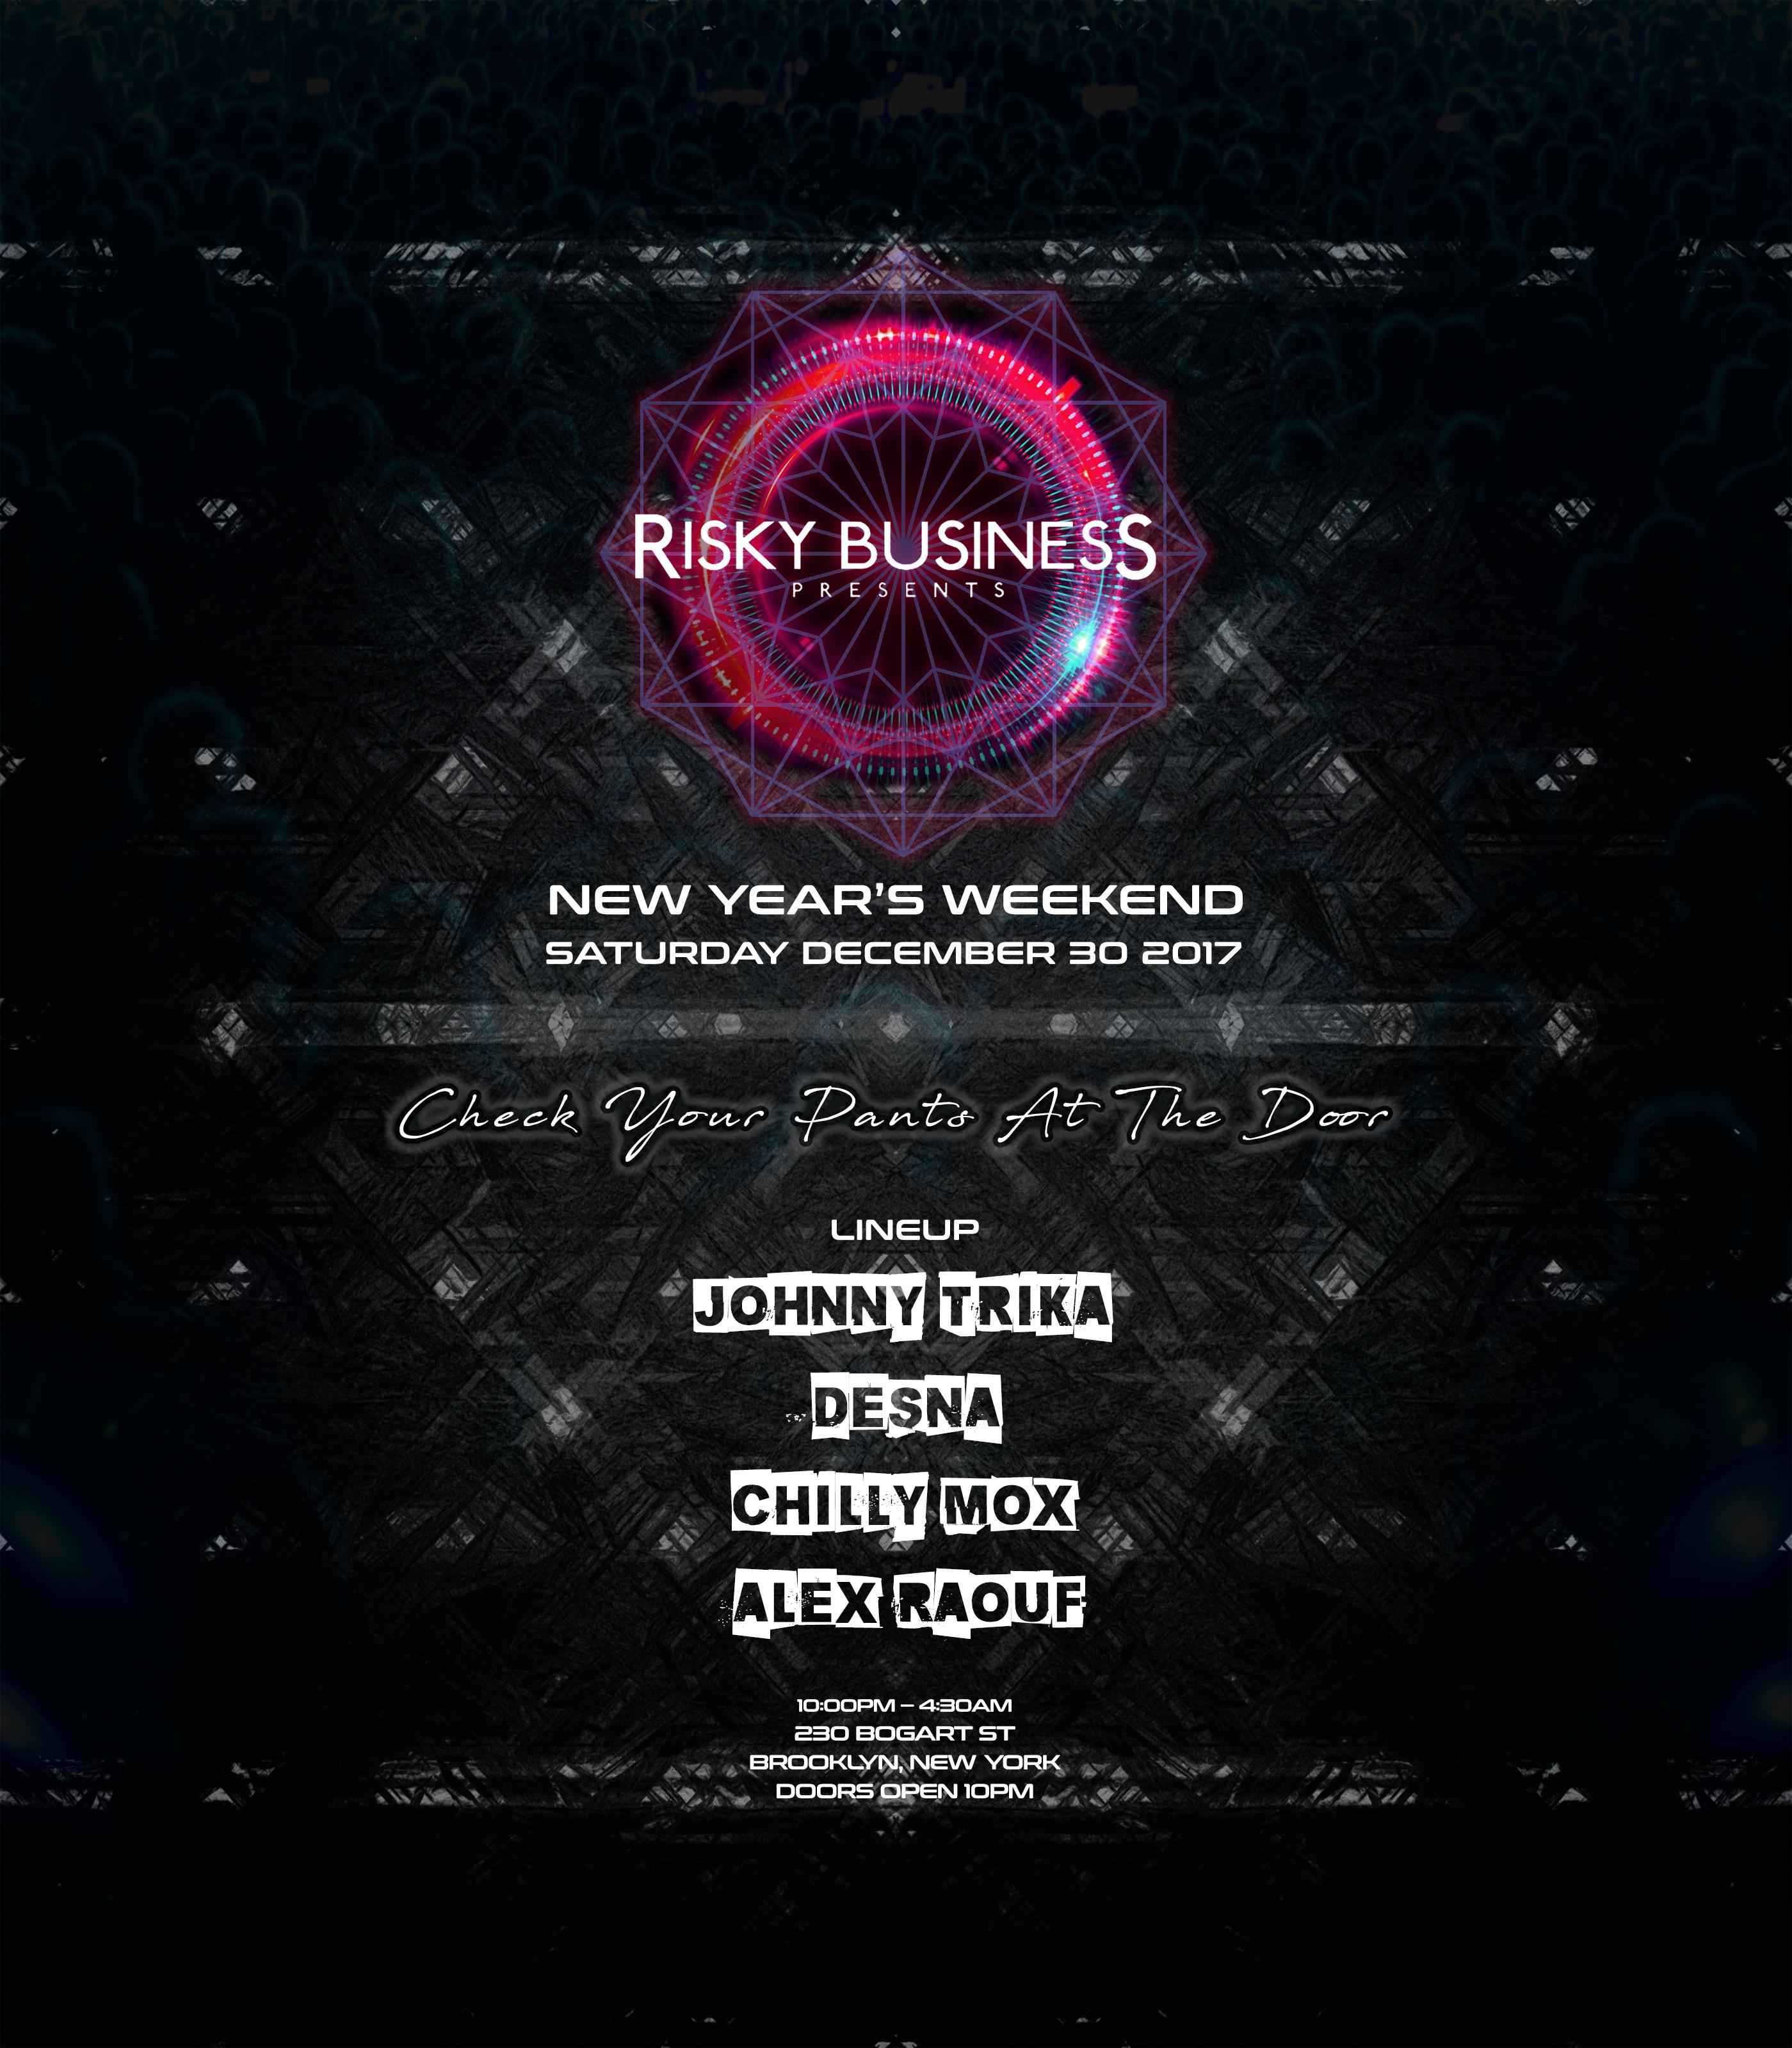 risky_business_bogart_house_1.jpg